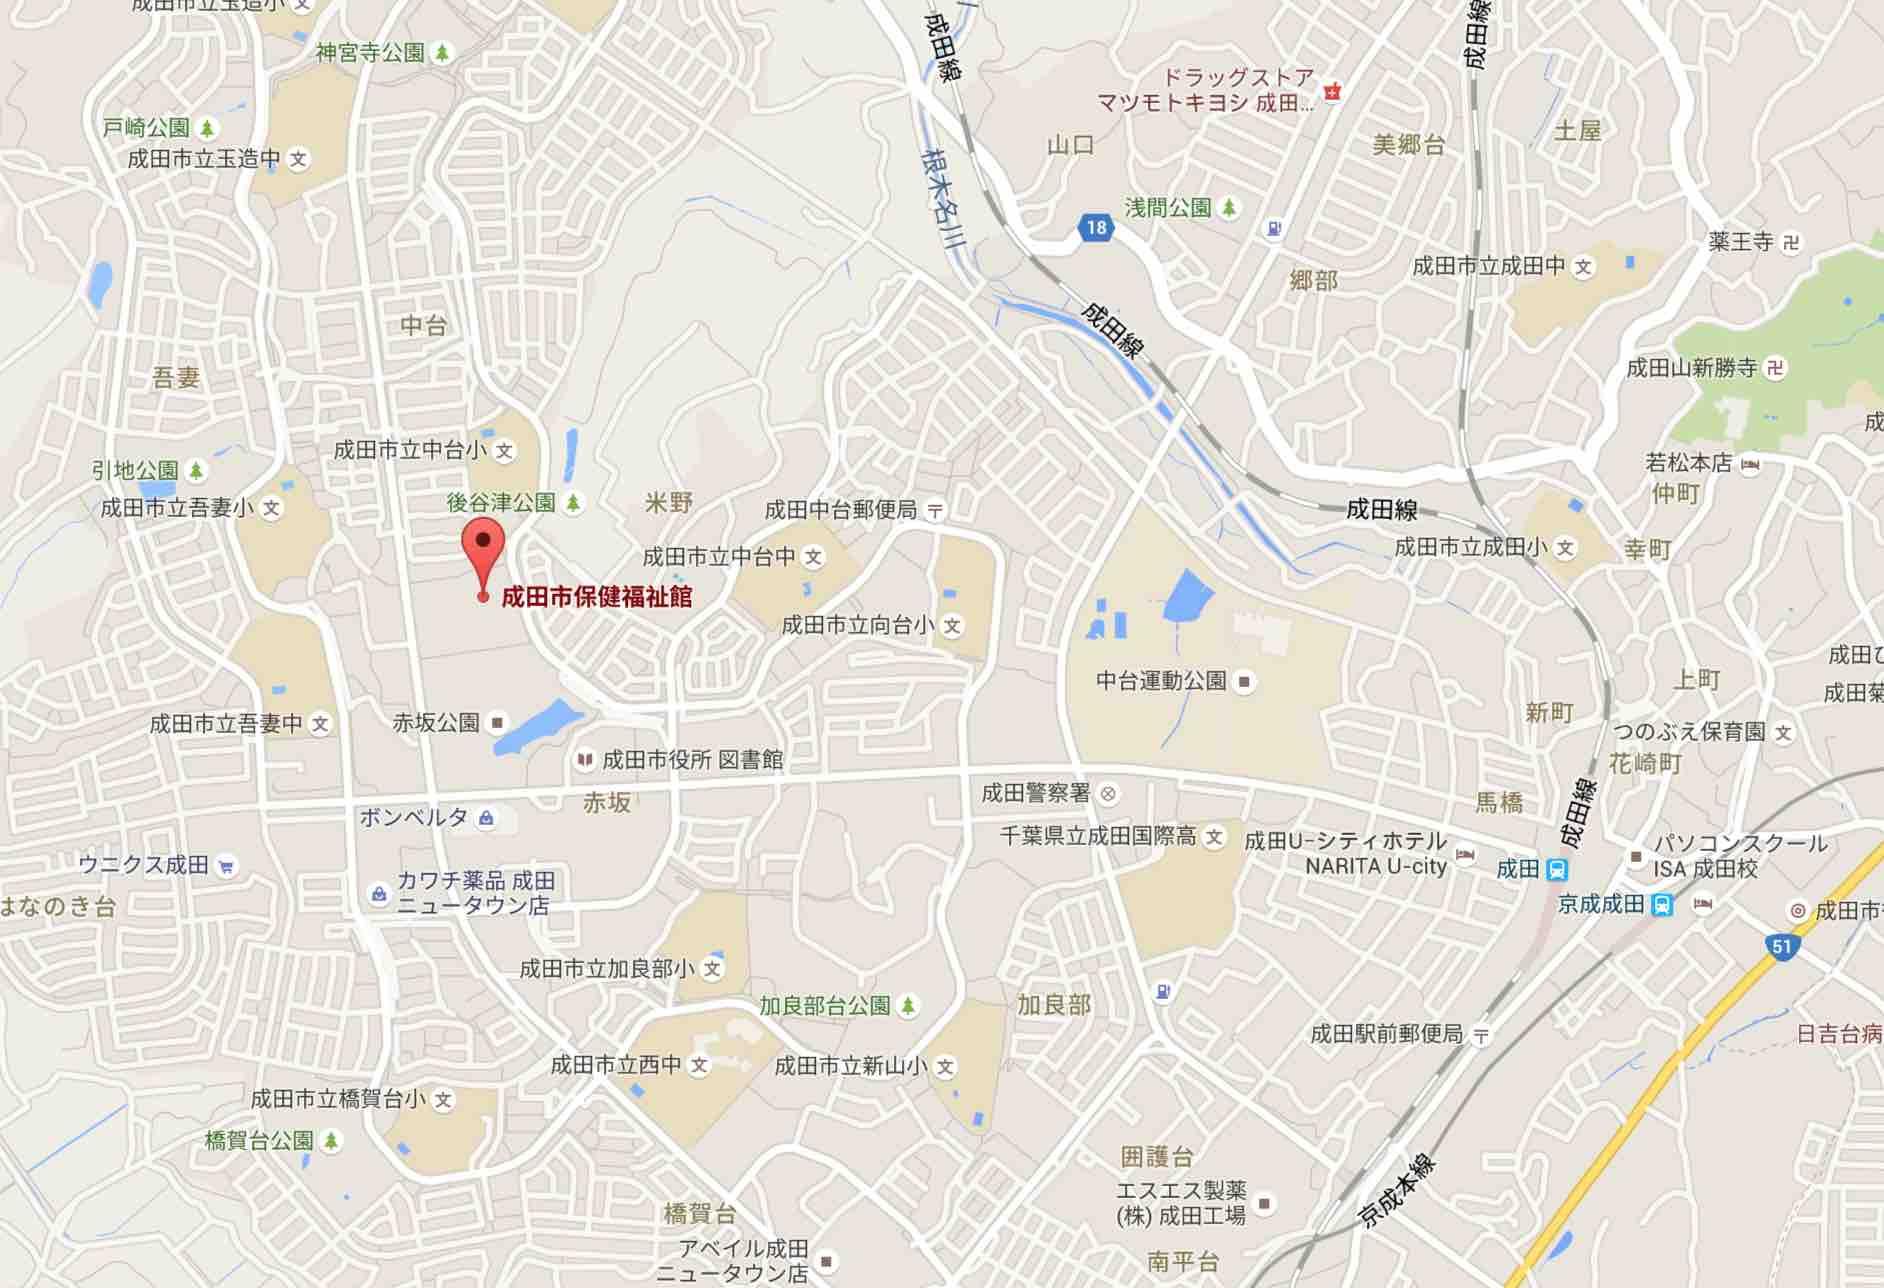 成田市保健福祉館